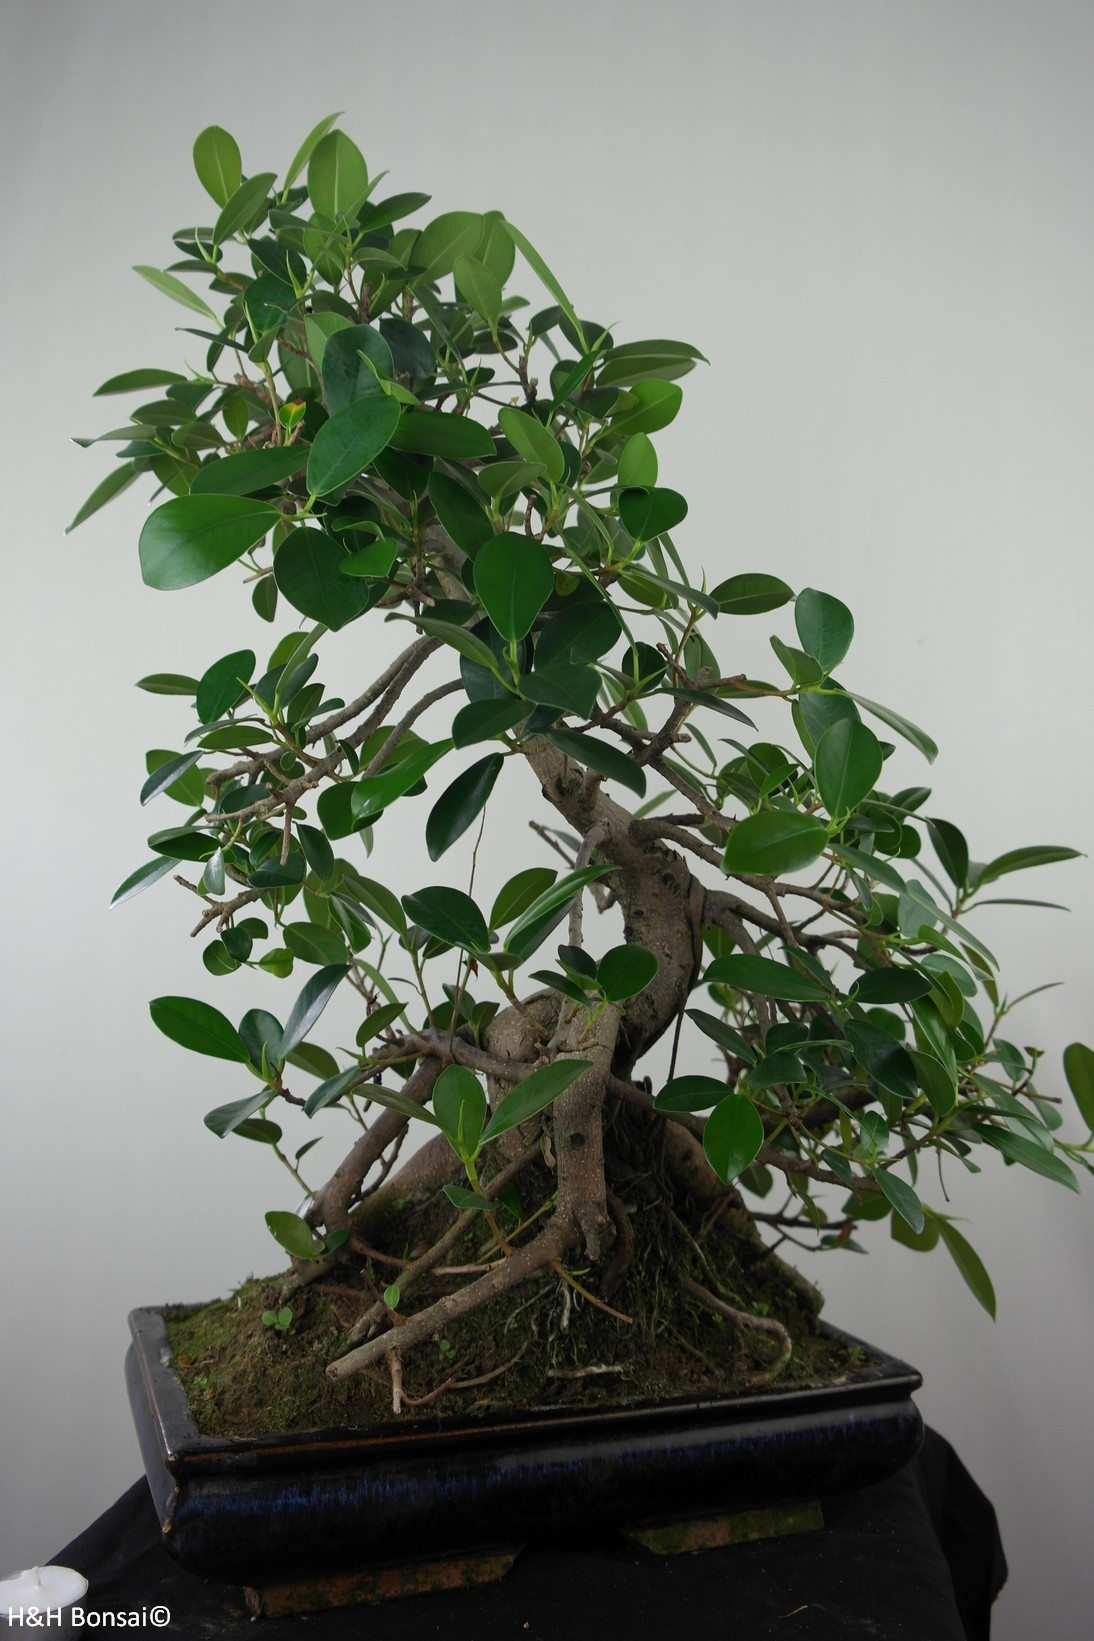 Bonsai Ficus microcarpa panda, nr. 7683